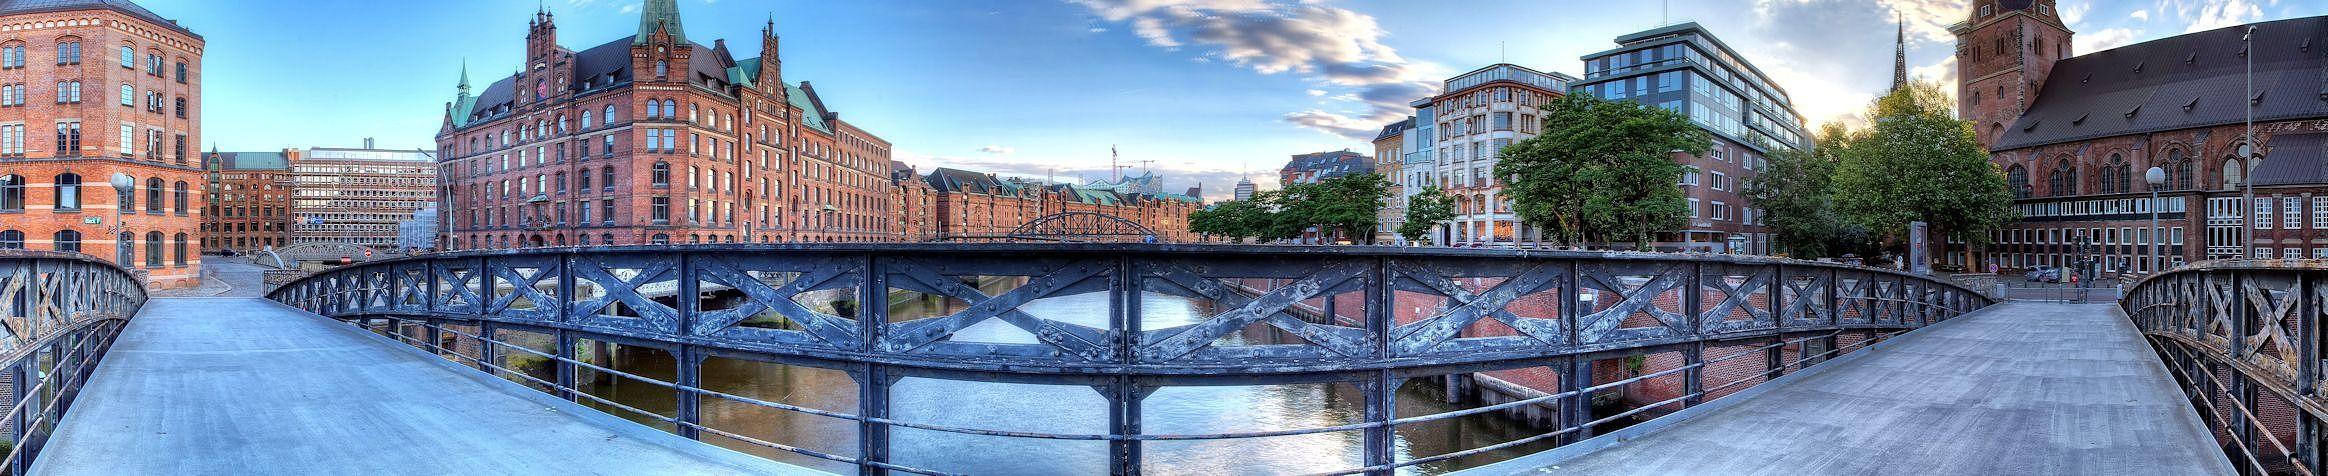 -- Alte Brücke --